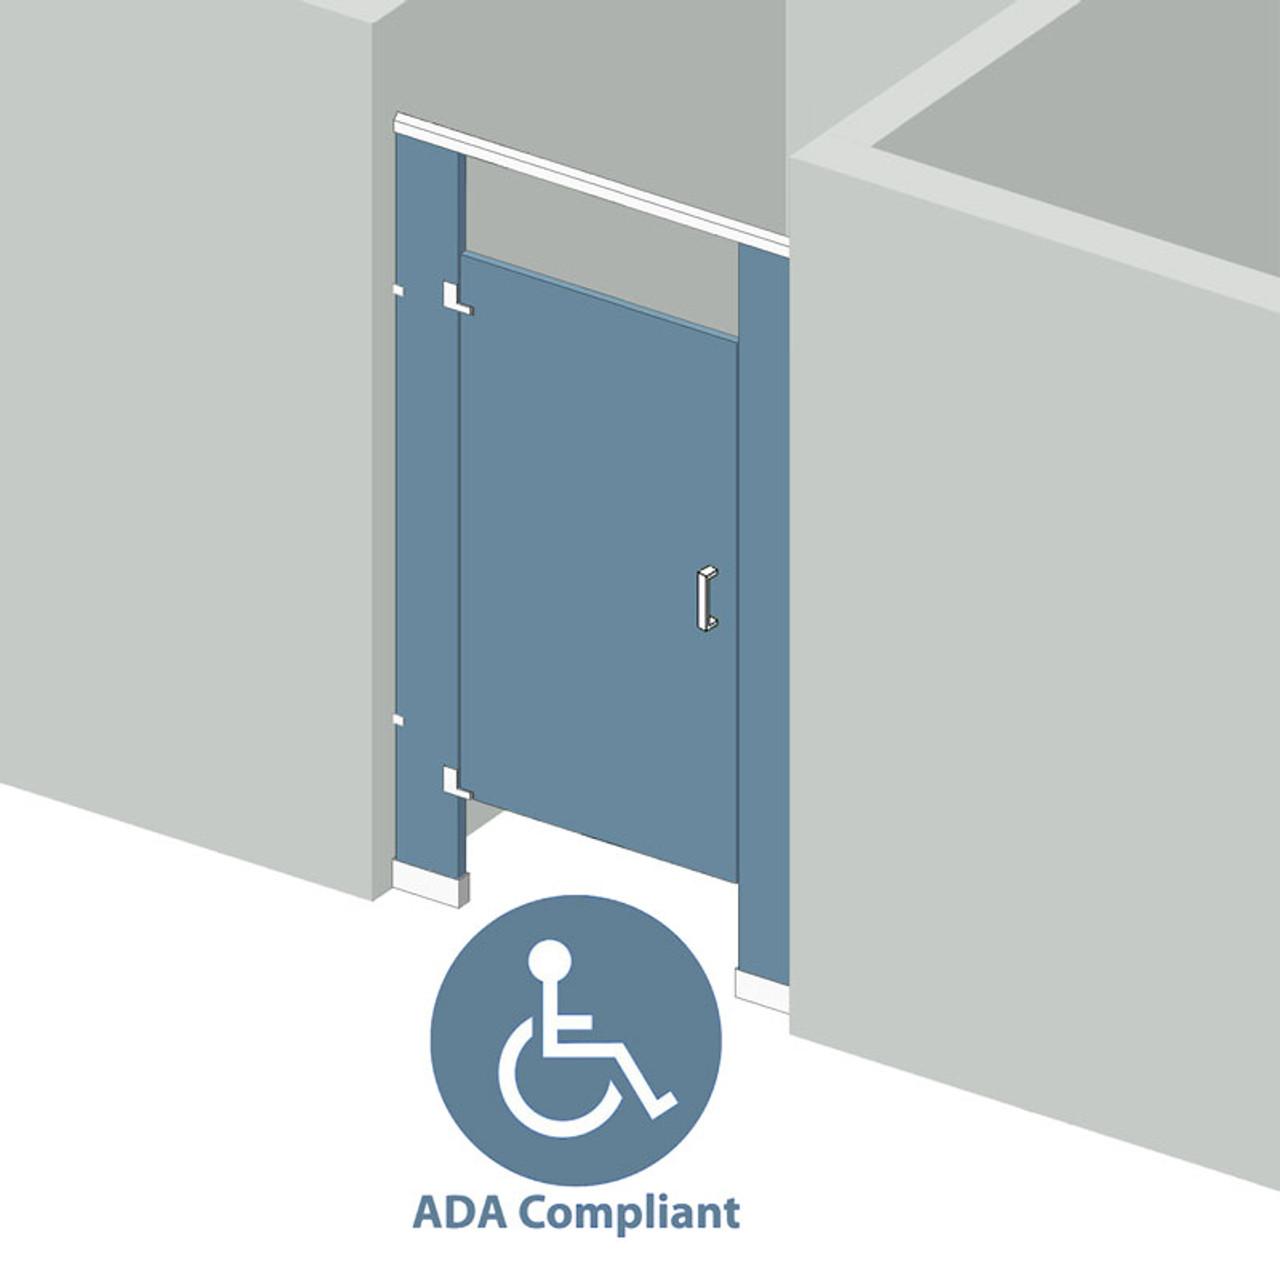 Bathroom Partitions Stall Between Walls Left Hand ADA - Bathroom stall door closer